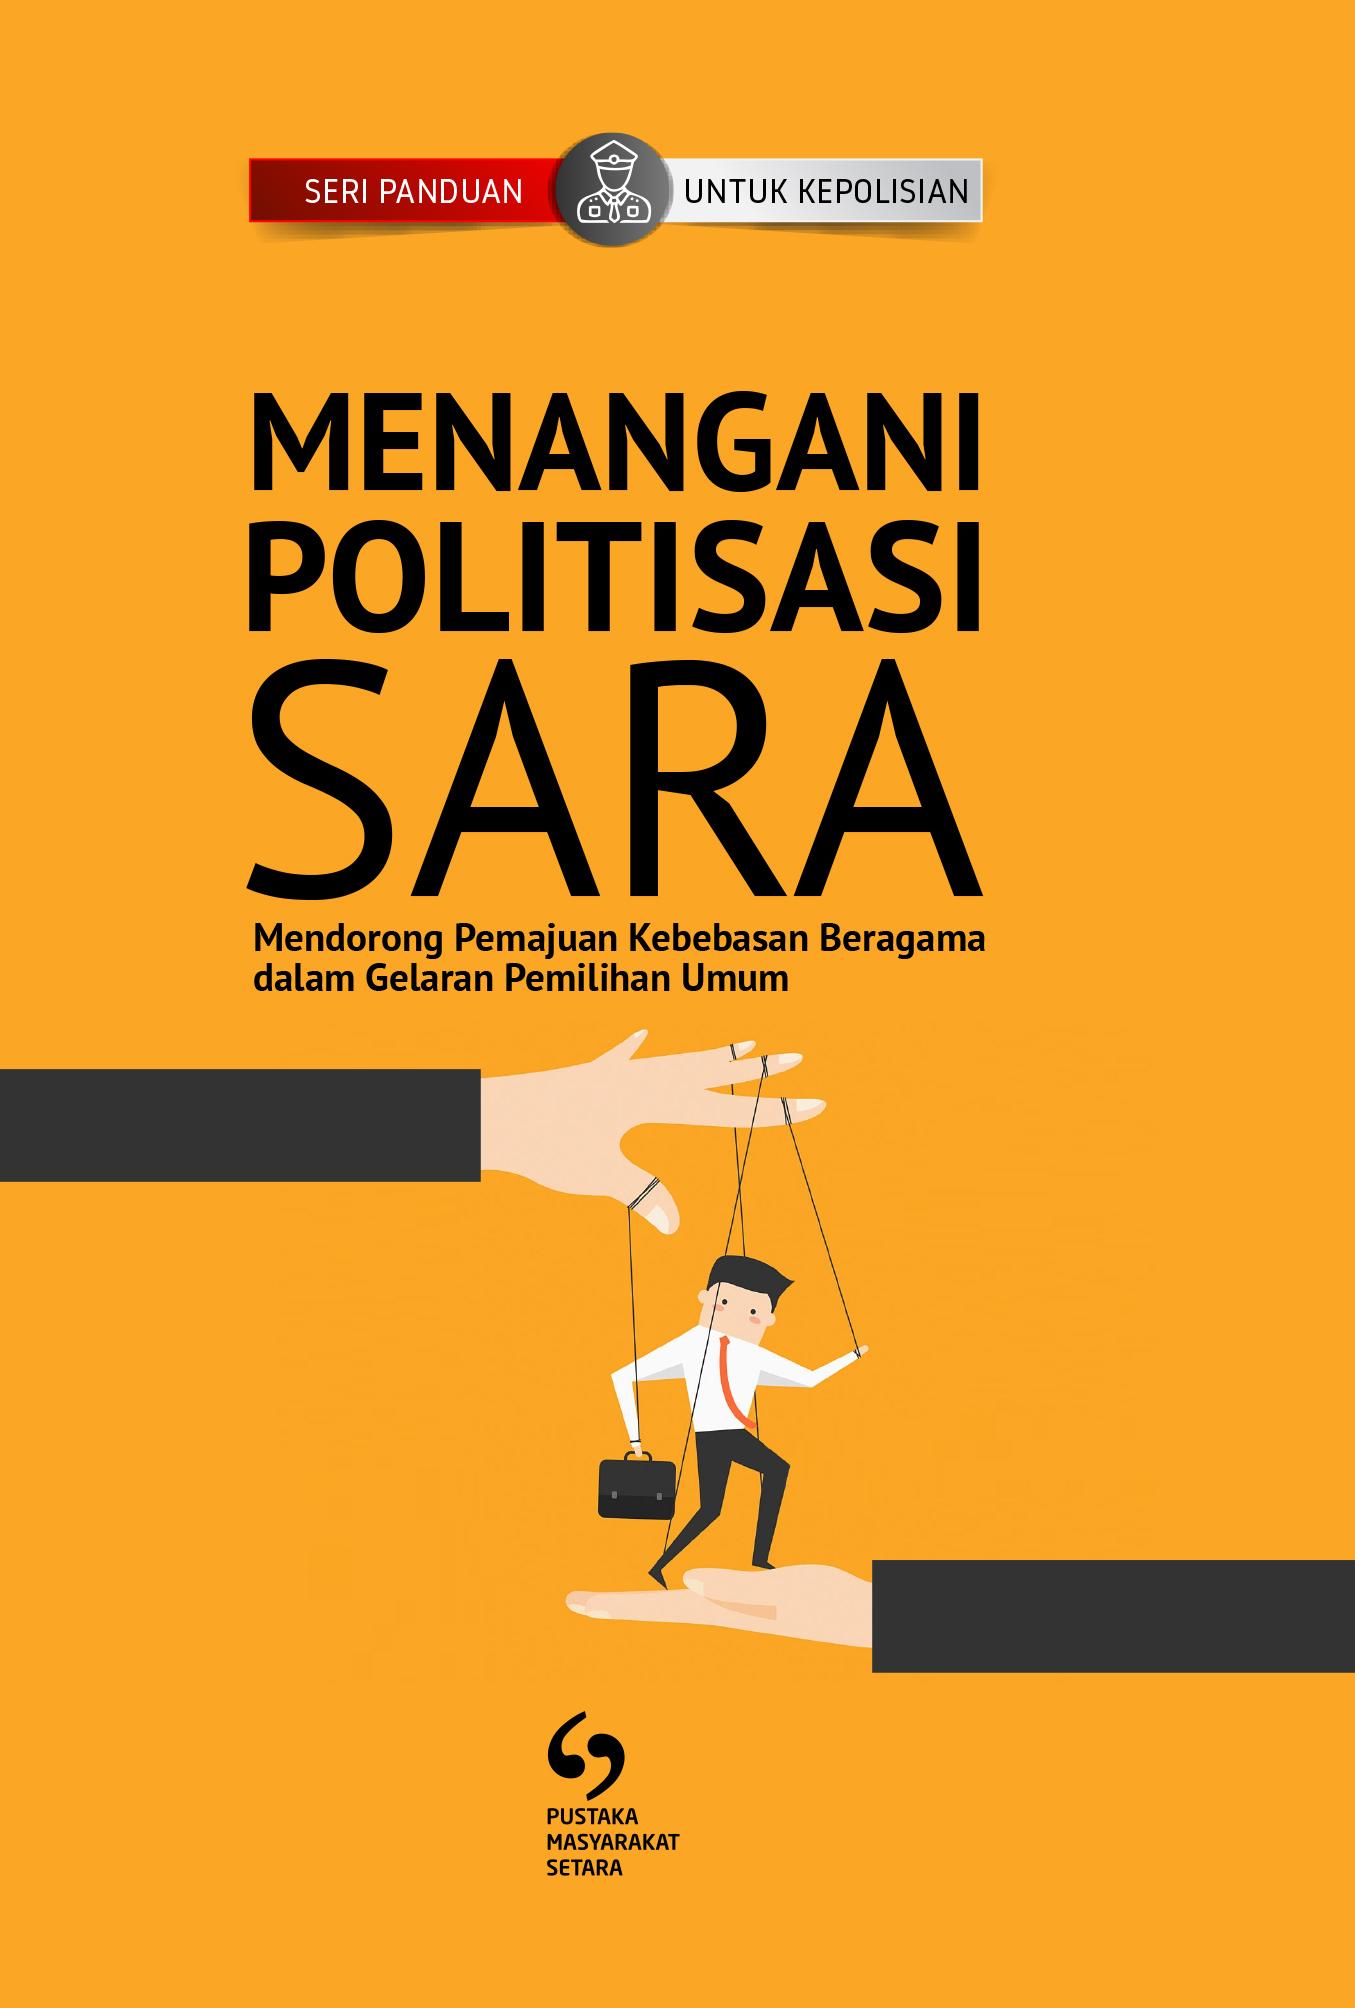 MENANGANI POLITISASI SARA: Mendorong Pemajuan Kebebasan Beragama dalam Gelaran Pemilihan Umum